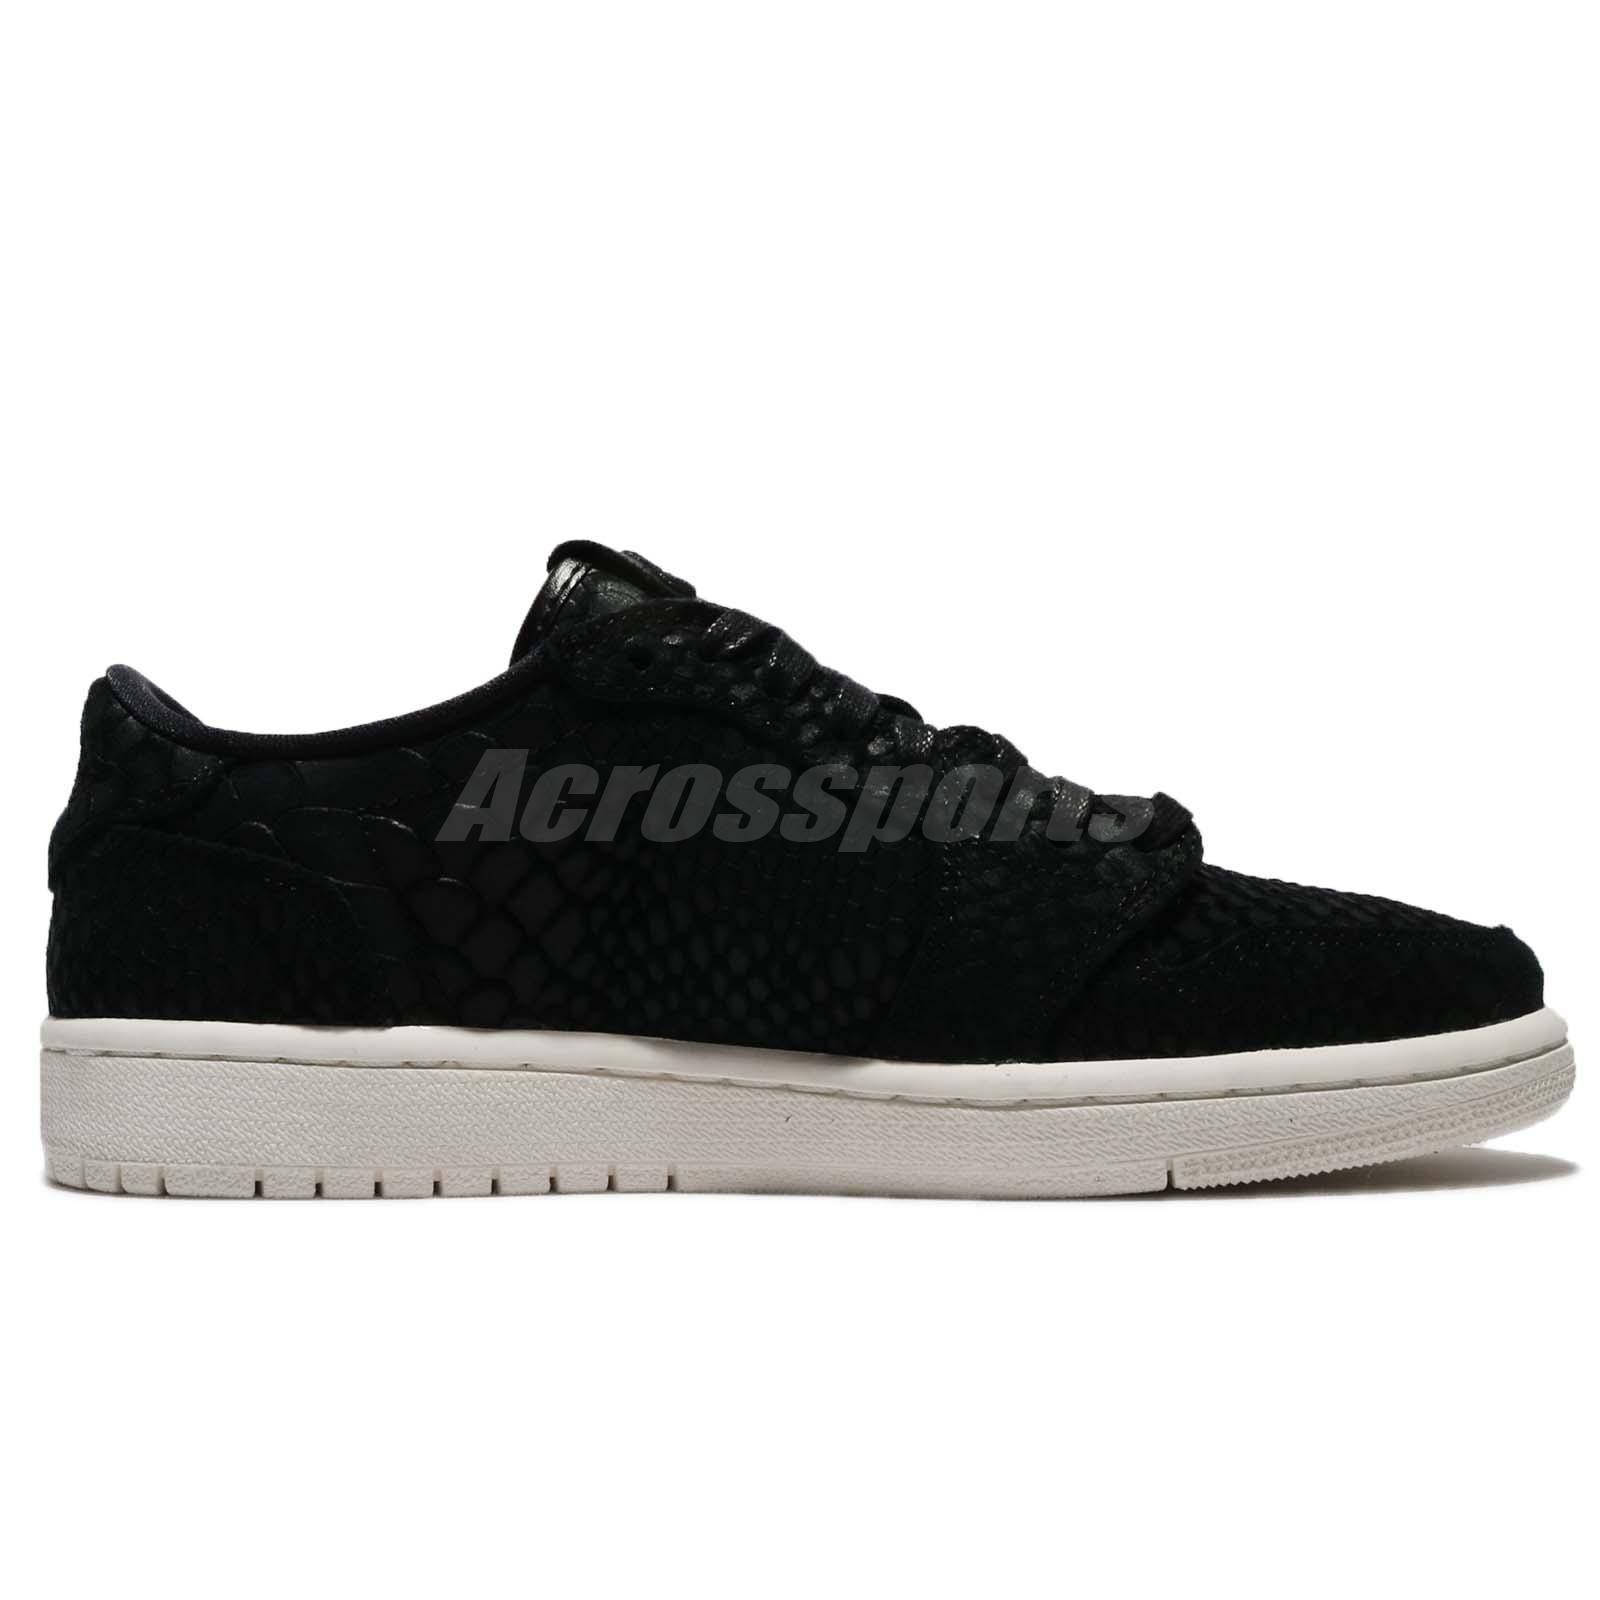 c752f498a6d896 Nike Wmns Air Jordan 1 Retro Low NS NRG No Swoosh Energy Black ...